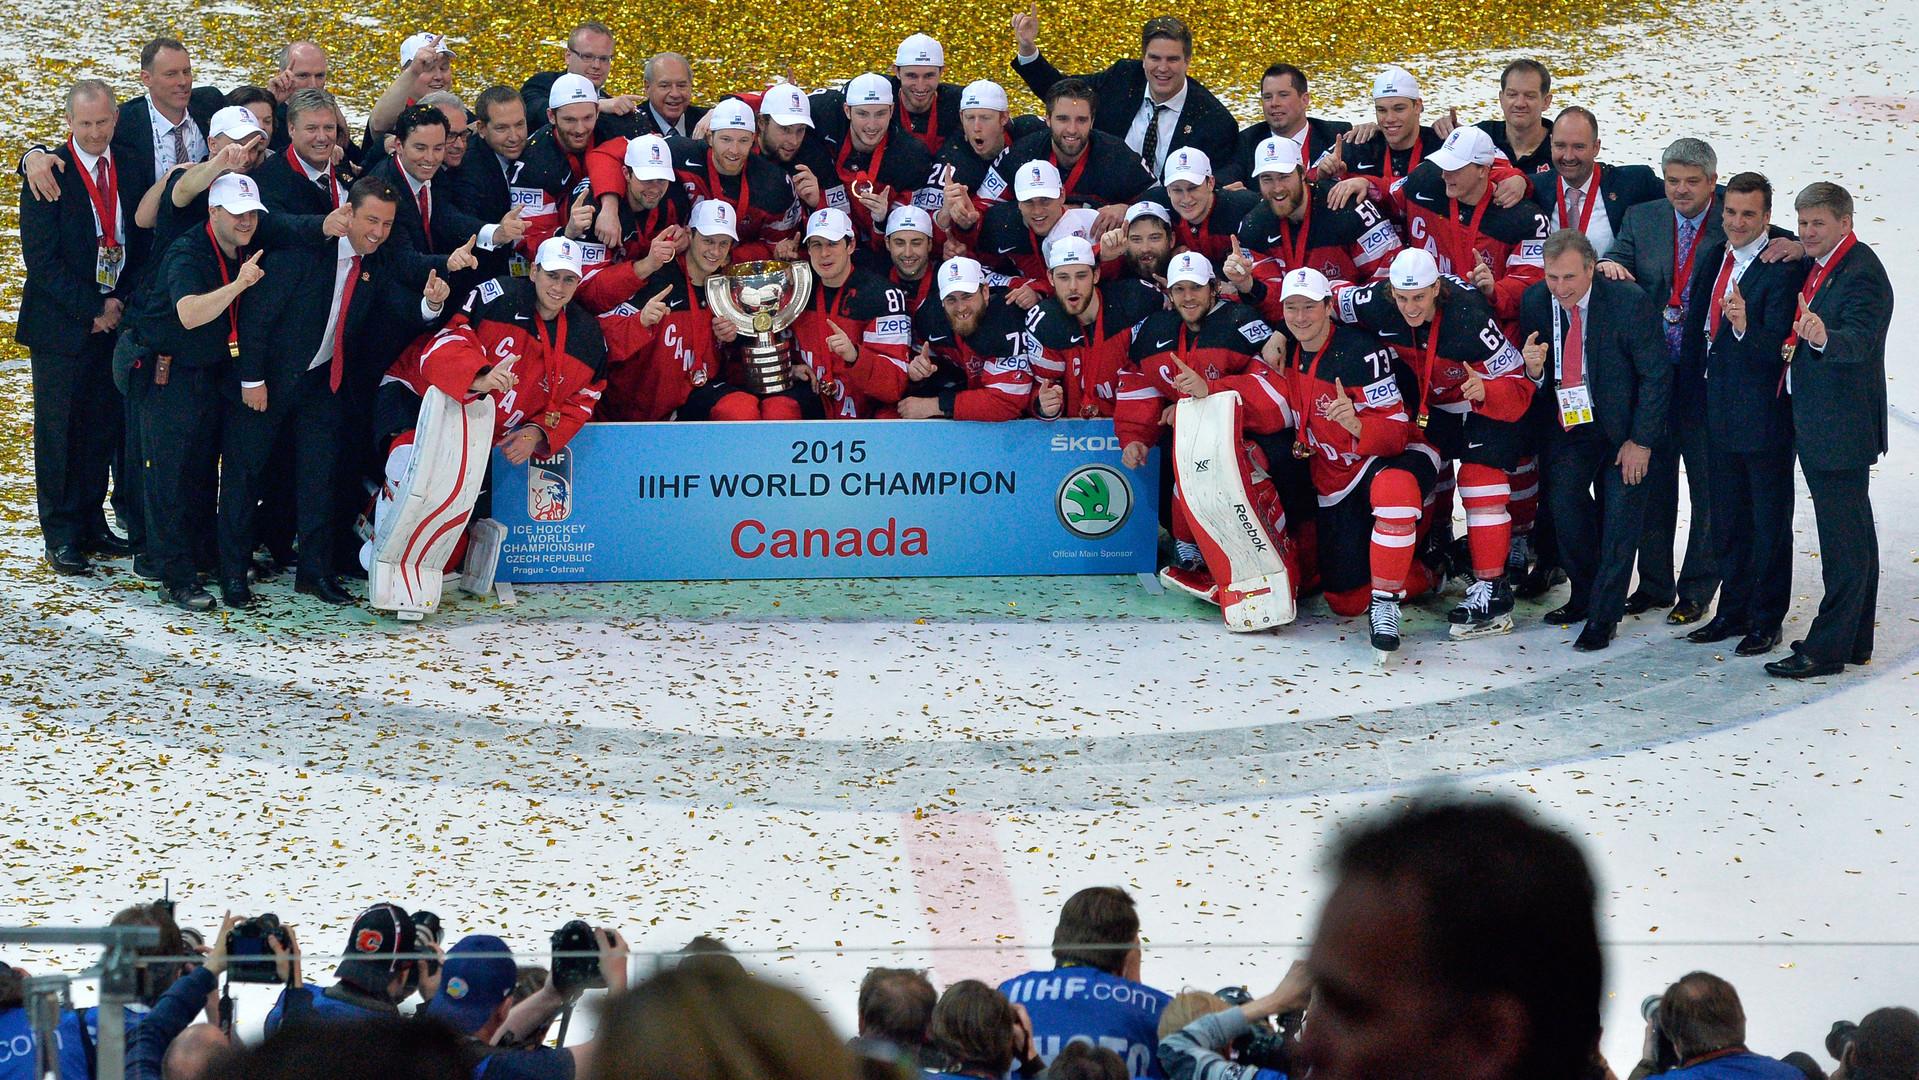 Responsables et hockeyeurs russes : il n'y avait jamais eu de manque de respect envers les Canadiens